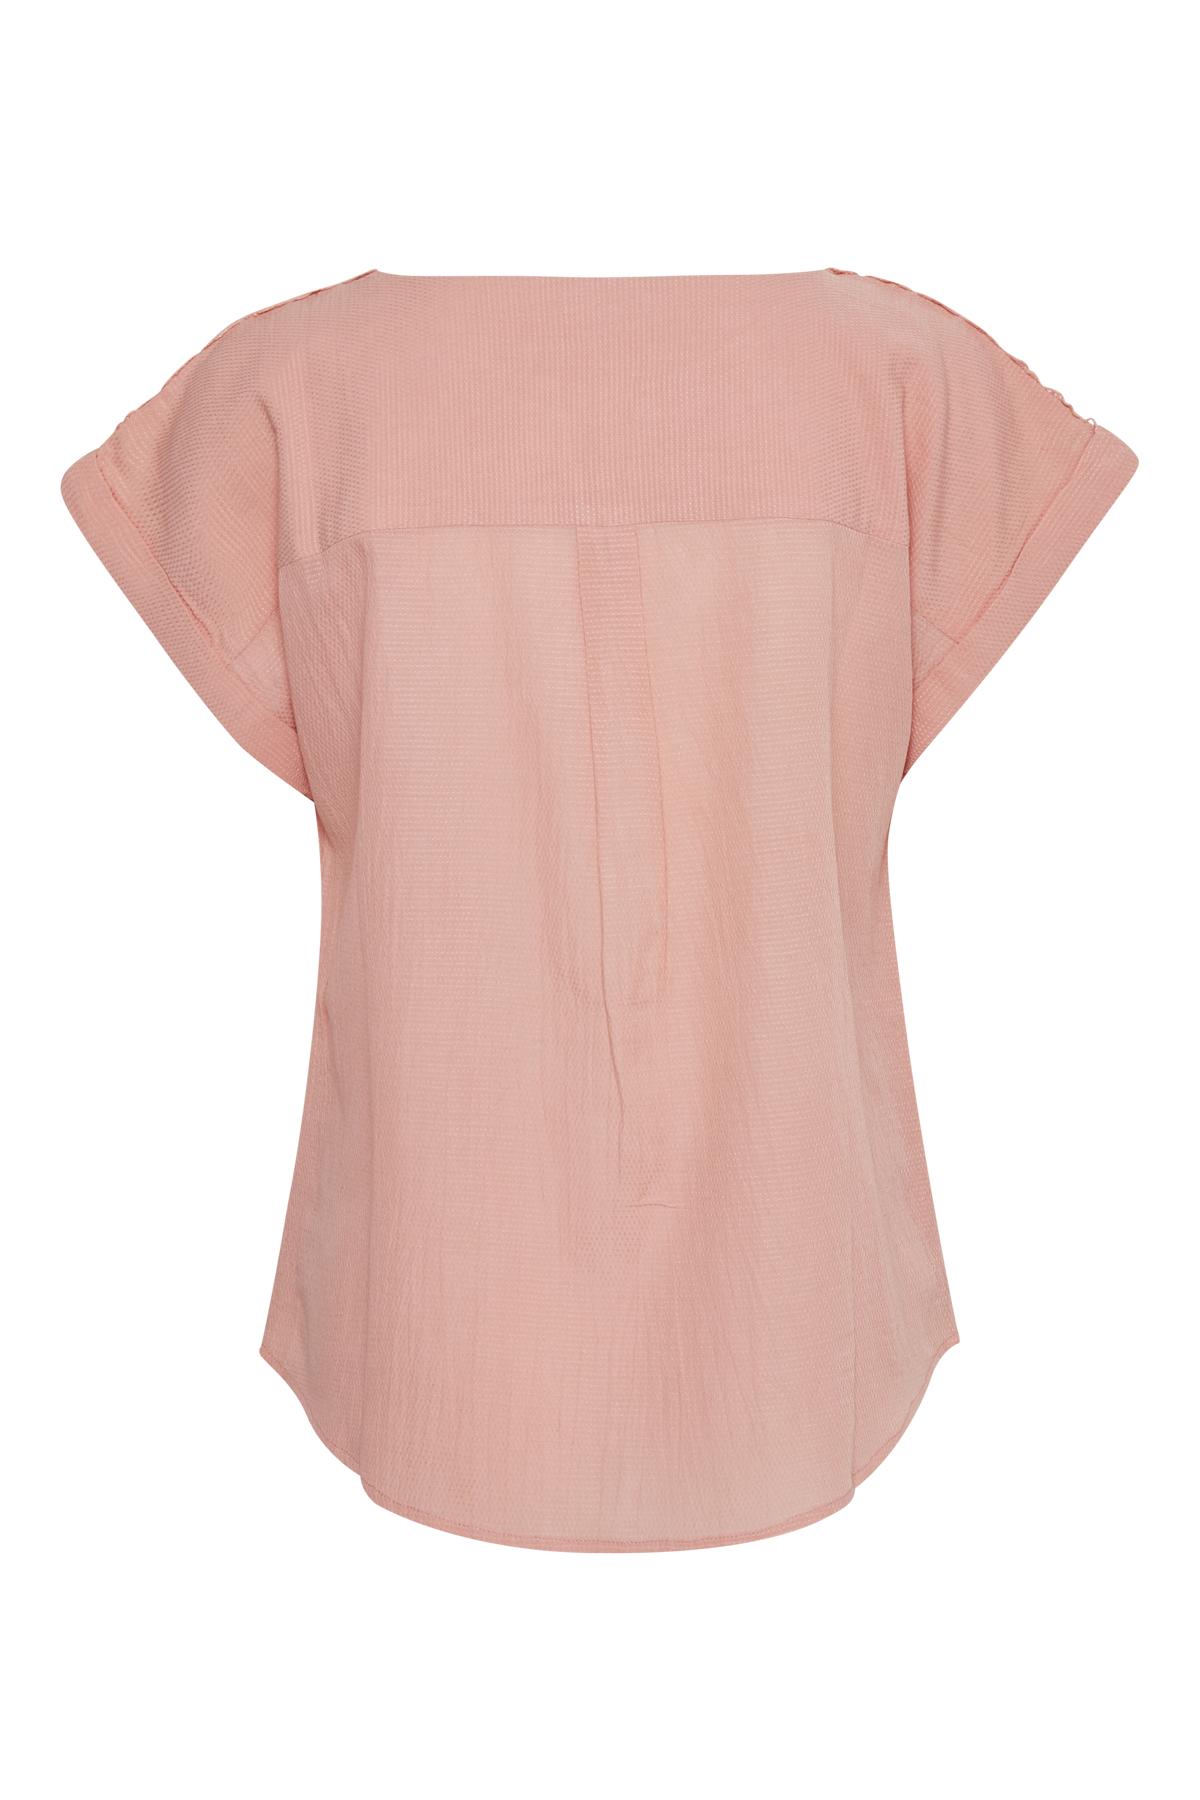 Hellkoralle Kurzarm-Bluse von Bon'A Parte – Shoppen Sie Hellkoralle Kurzarm-Bluse ab Gr. S-2XL hier